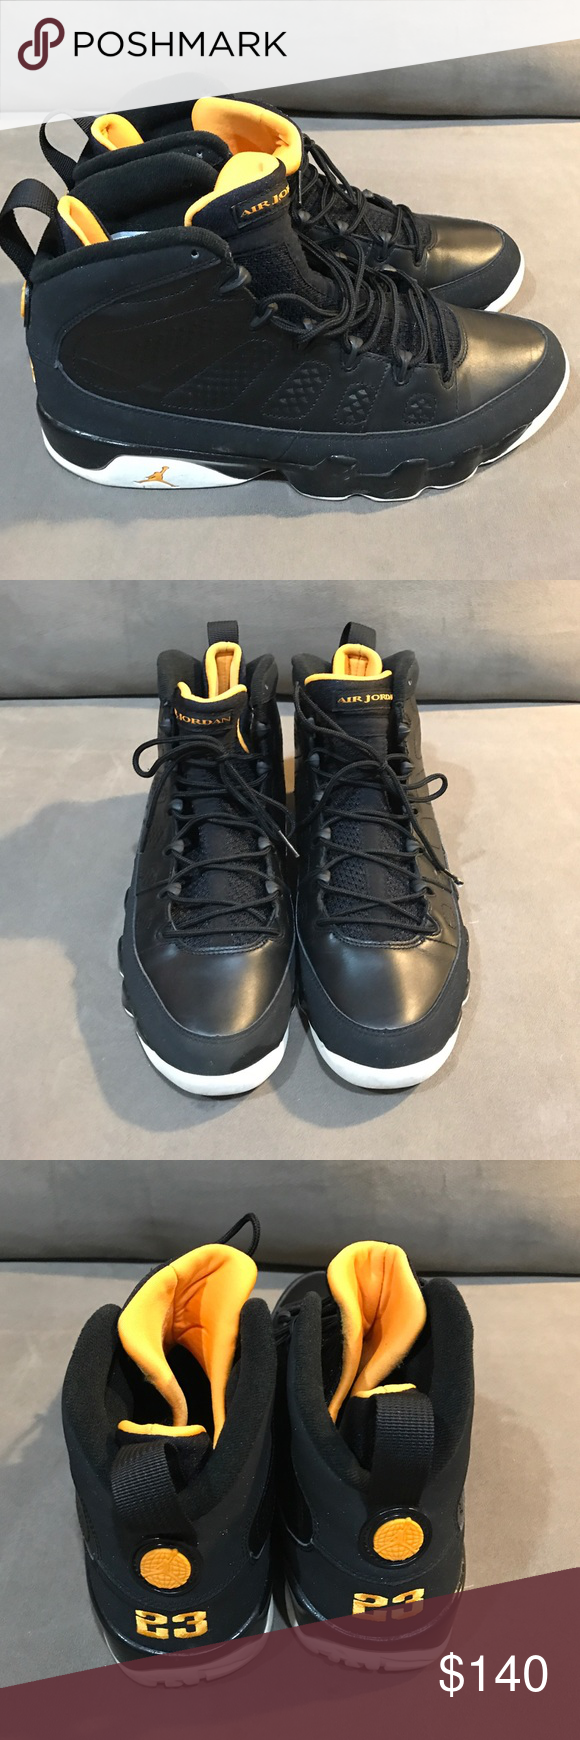 separation shoes a3525 26b4e Air Jordan Retro 9 (Citrus) Size 10.5 Black, Citrus, White. Good condition. Nike  Shoes Sneakers